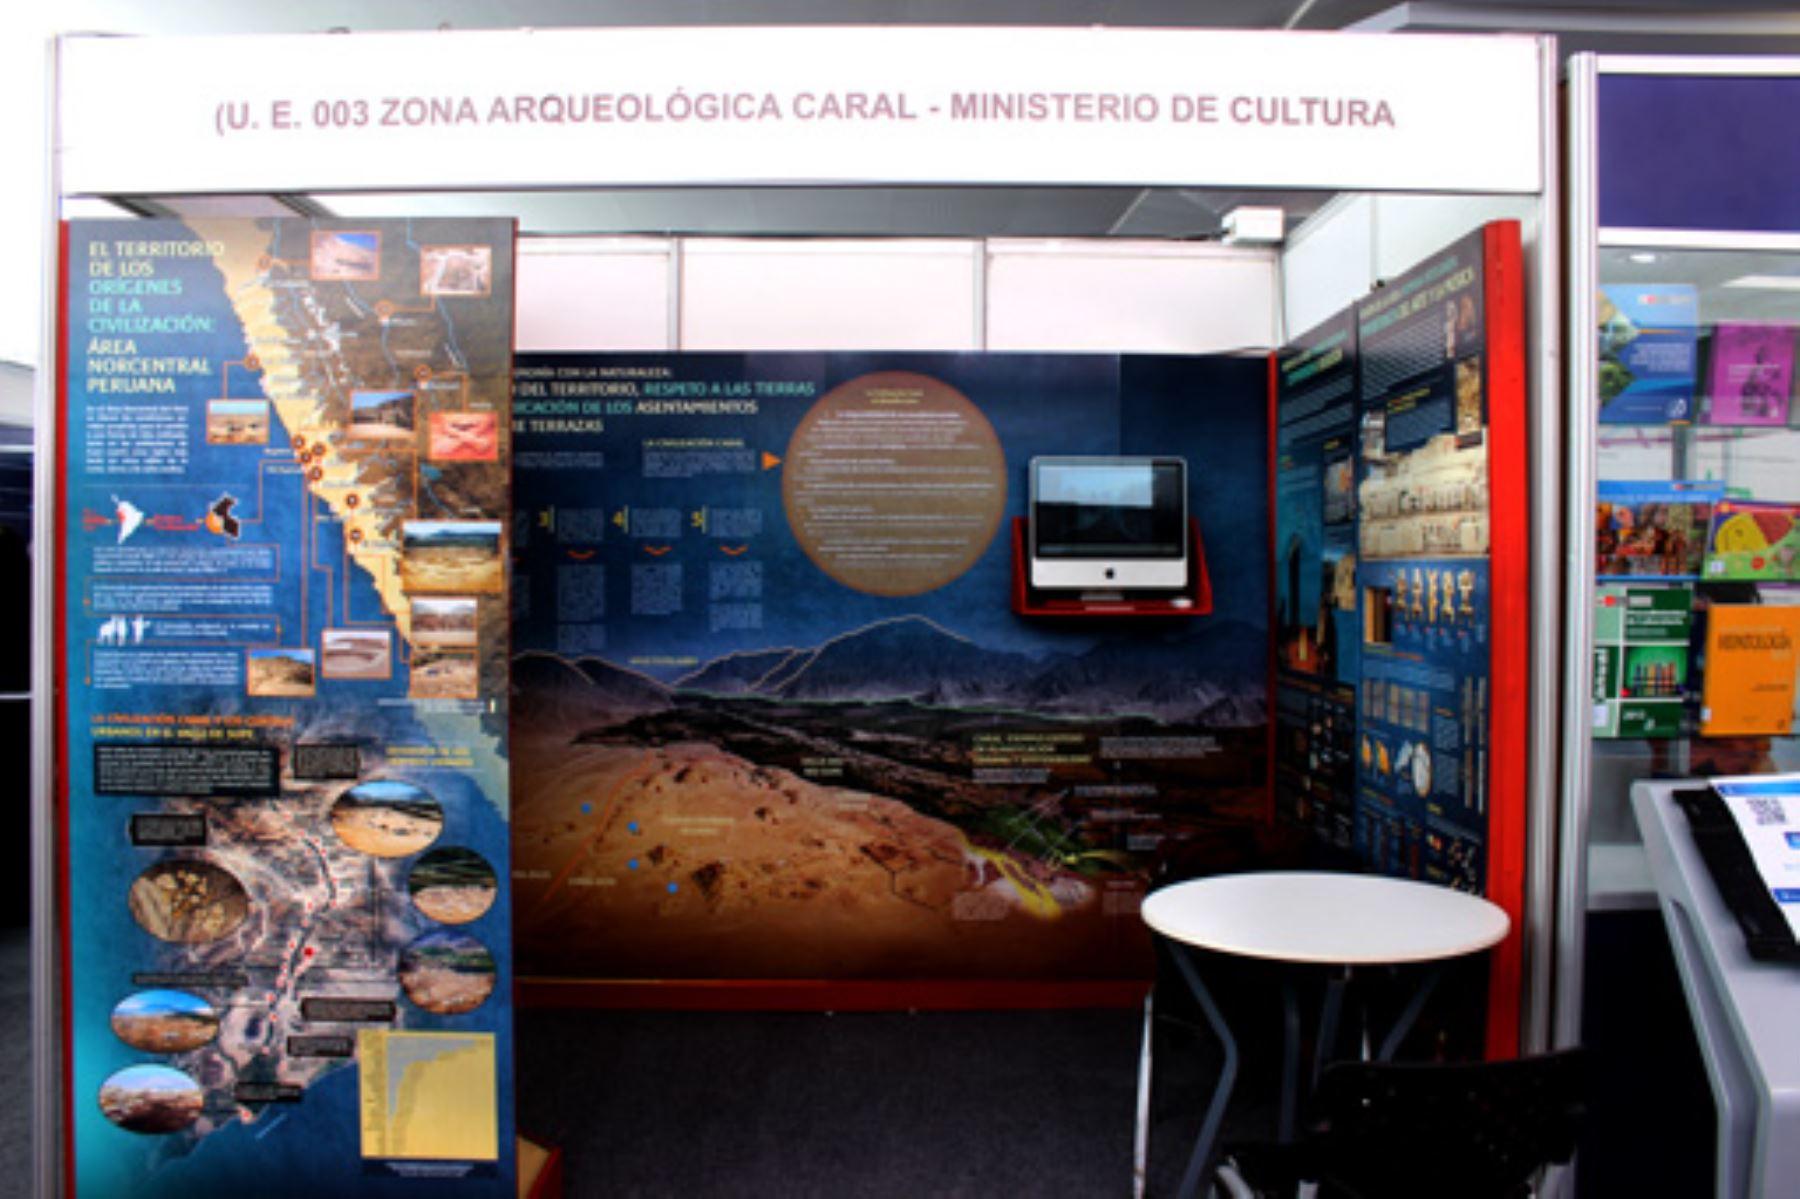 La Zona Arqueológica Caral (ZAC) participará, este fin de semana, en la 26ª edición del Perú Travel Mart.